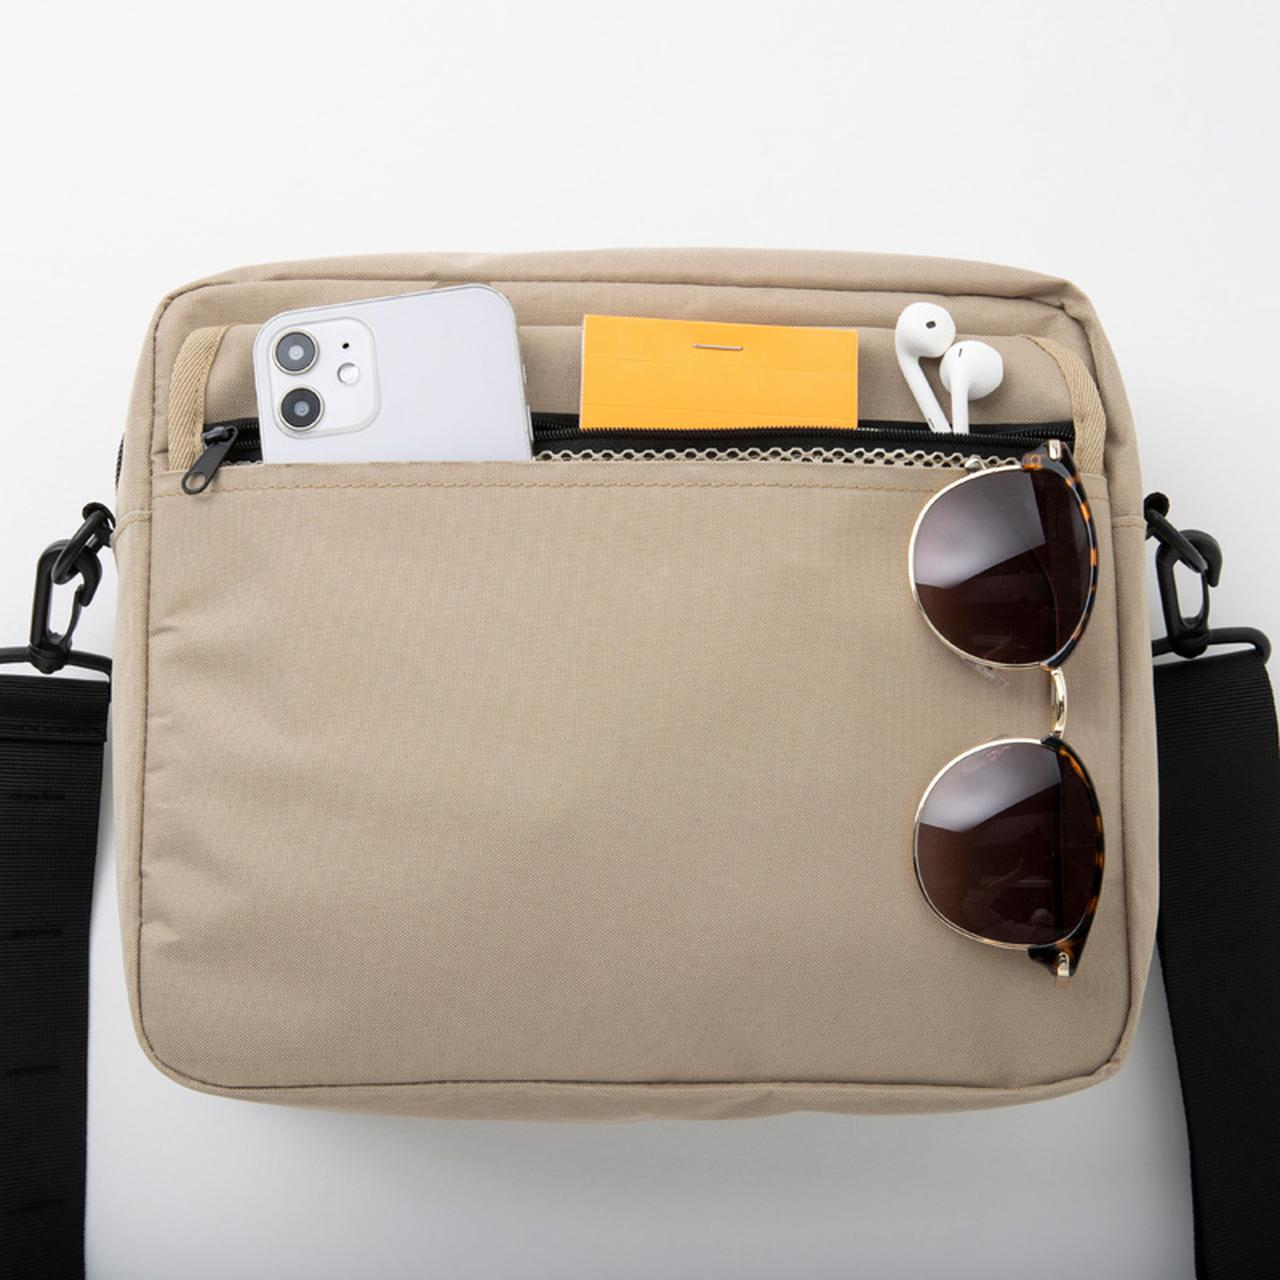 画像6: DODブランドブック第三弾!キャンプに日常に旅行に、うっかり毎日使ってしまうトランスフォームショルダーバッグを宝島社より発売!